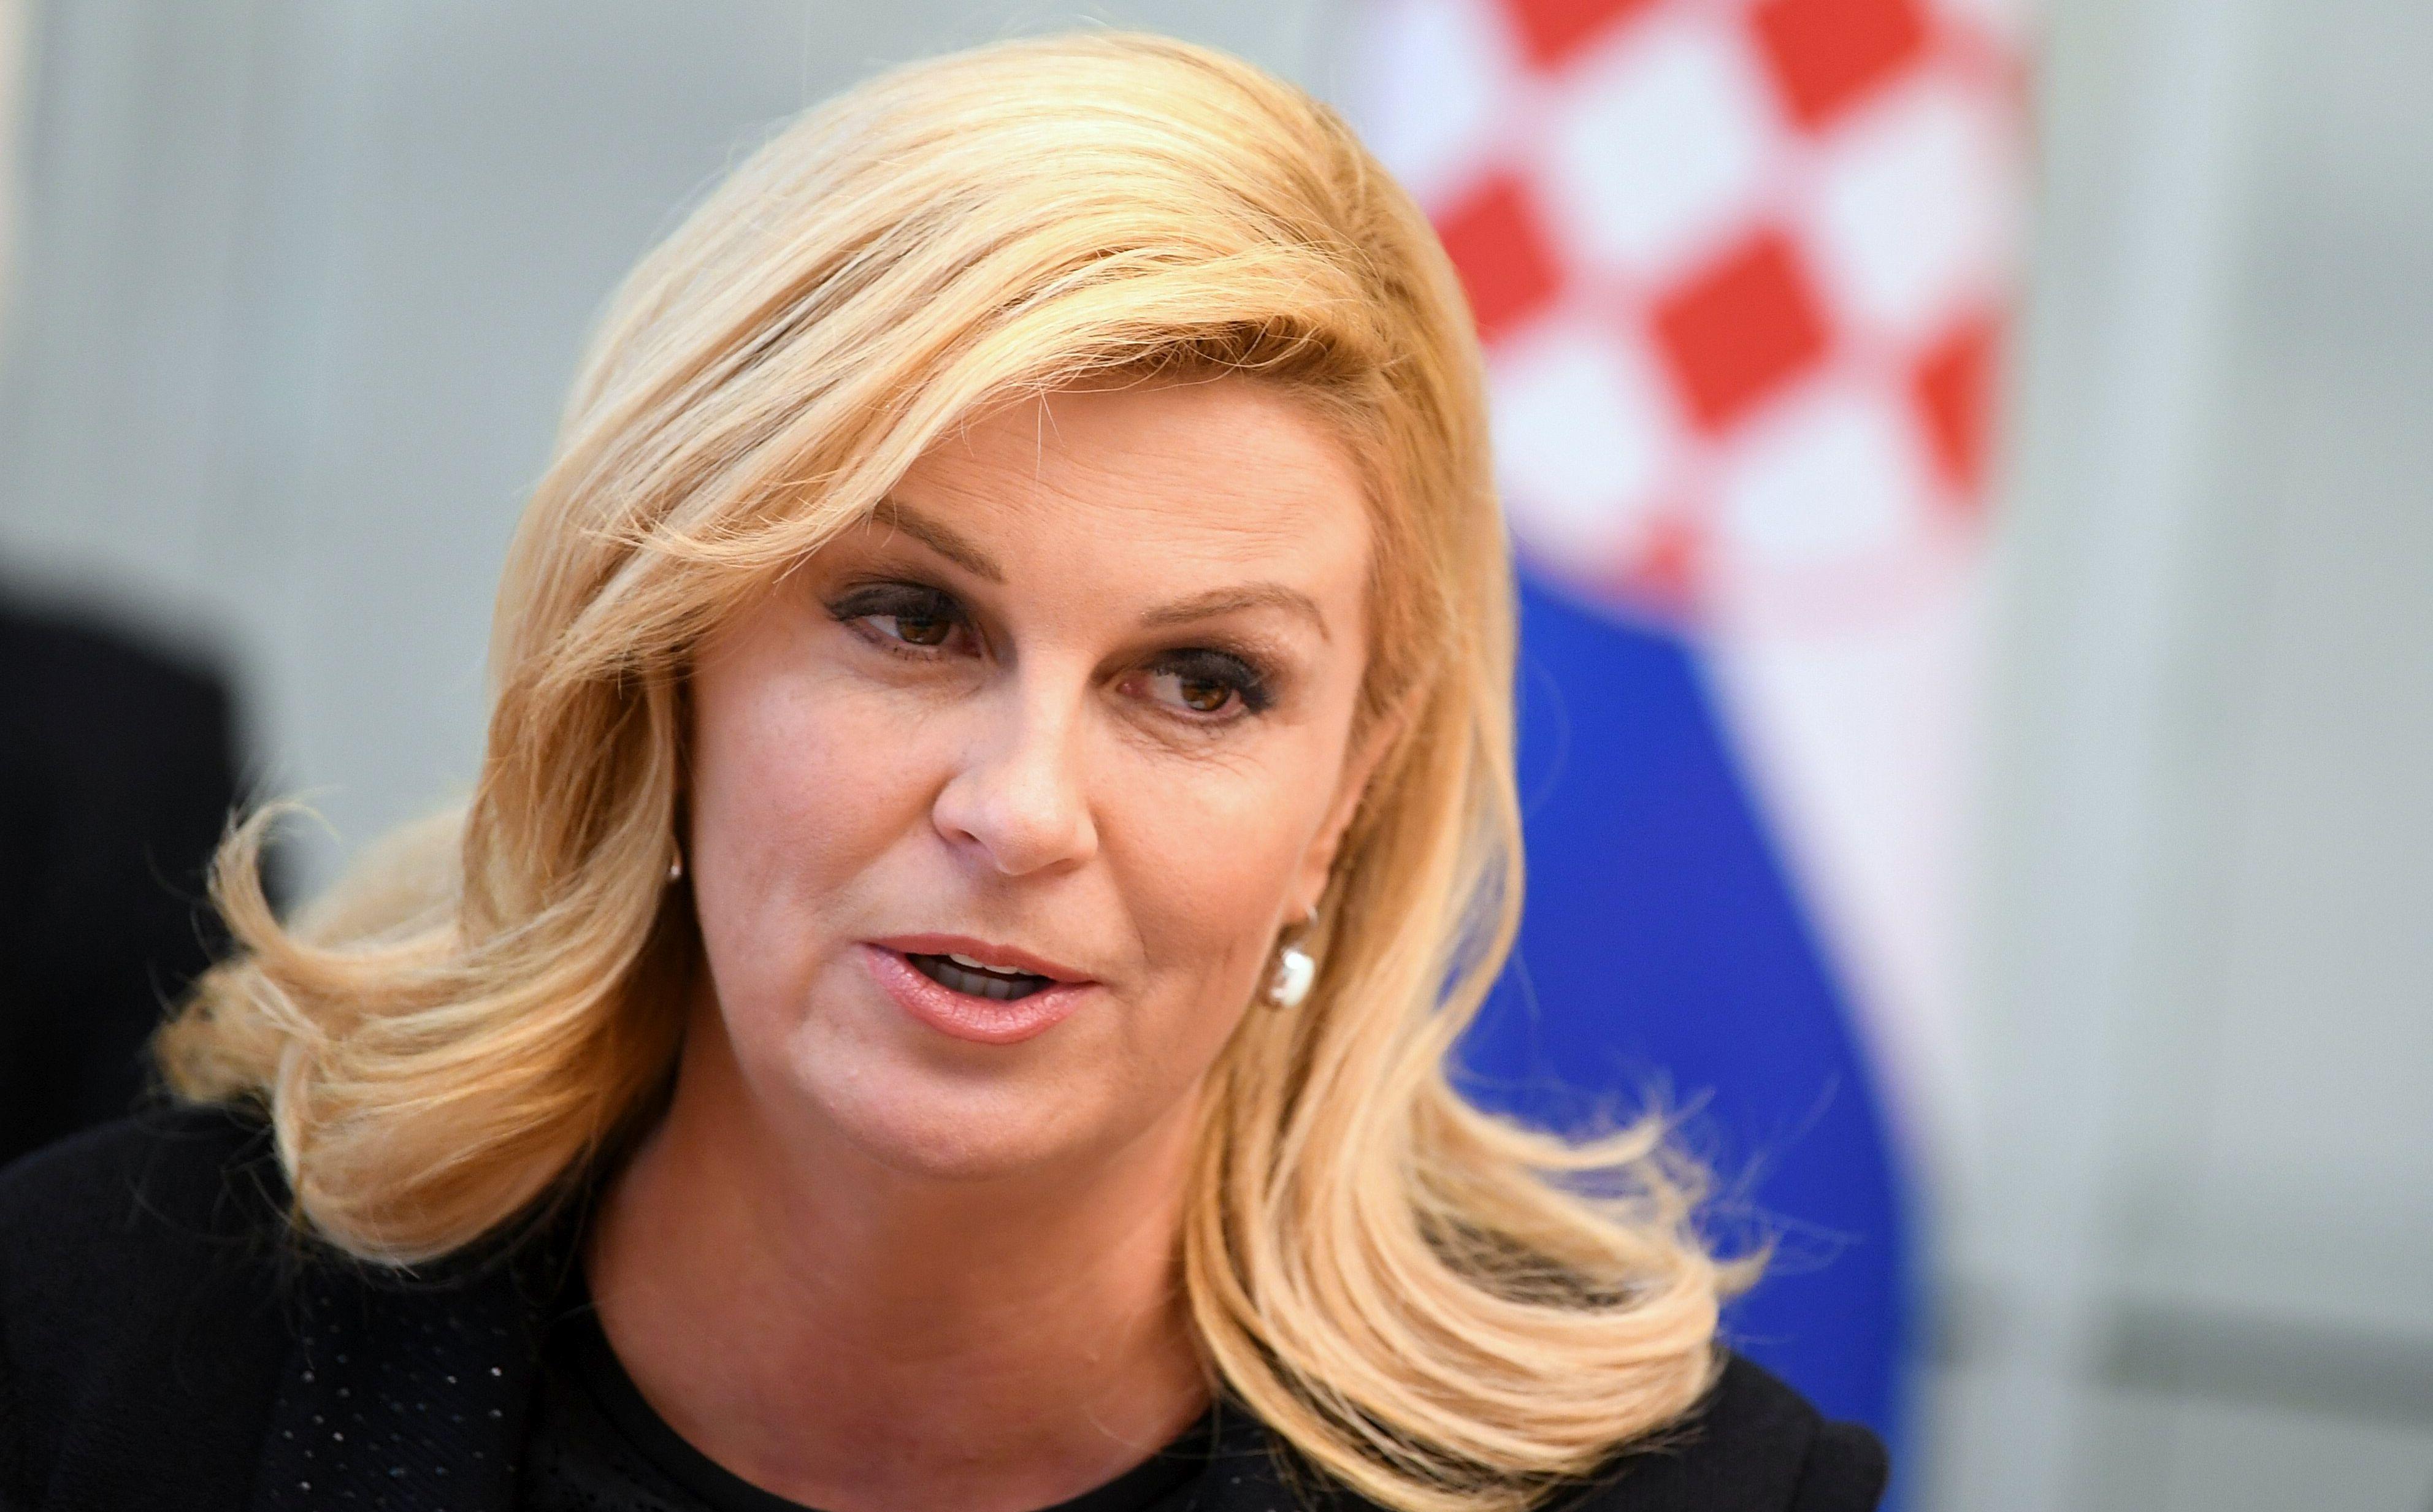 """GRABAR KITAROVIĆ """"Moramo stvarati snažne i samosvjesne, zapošljive i mobilne ljude"""""""